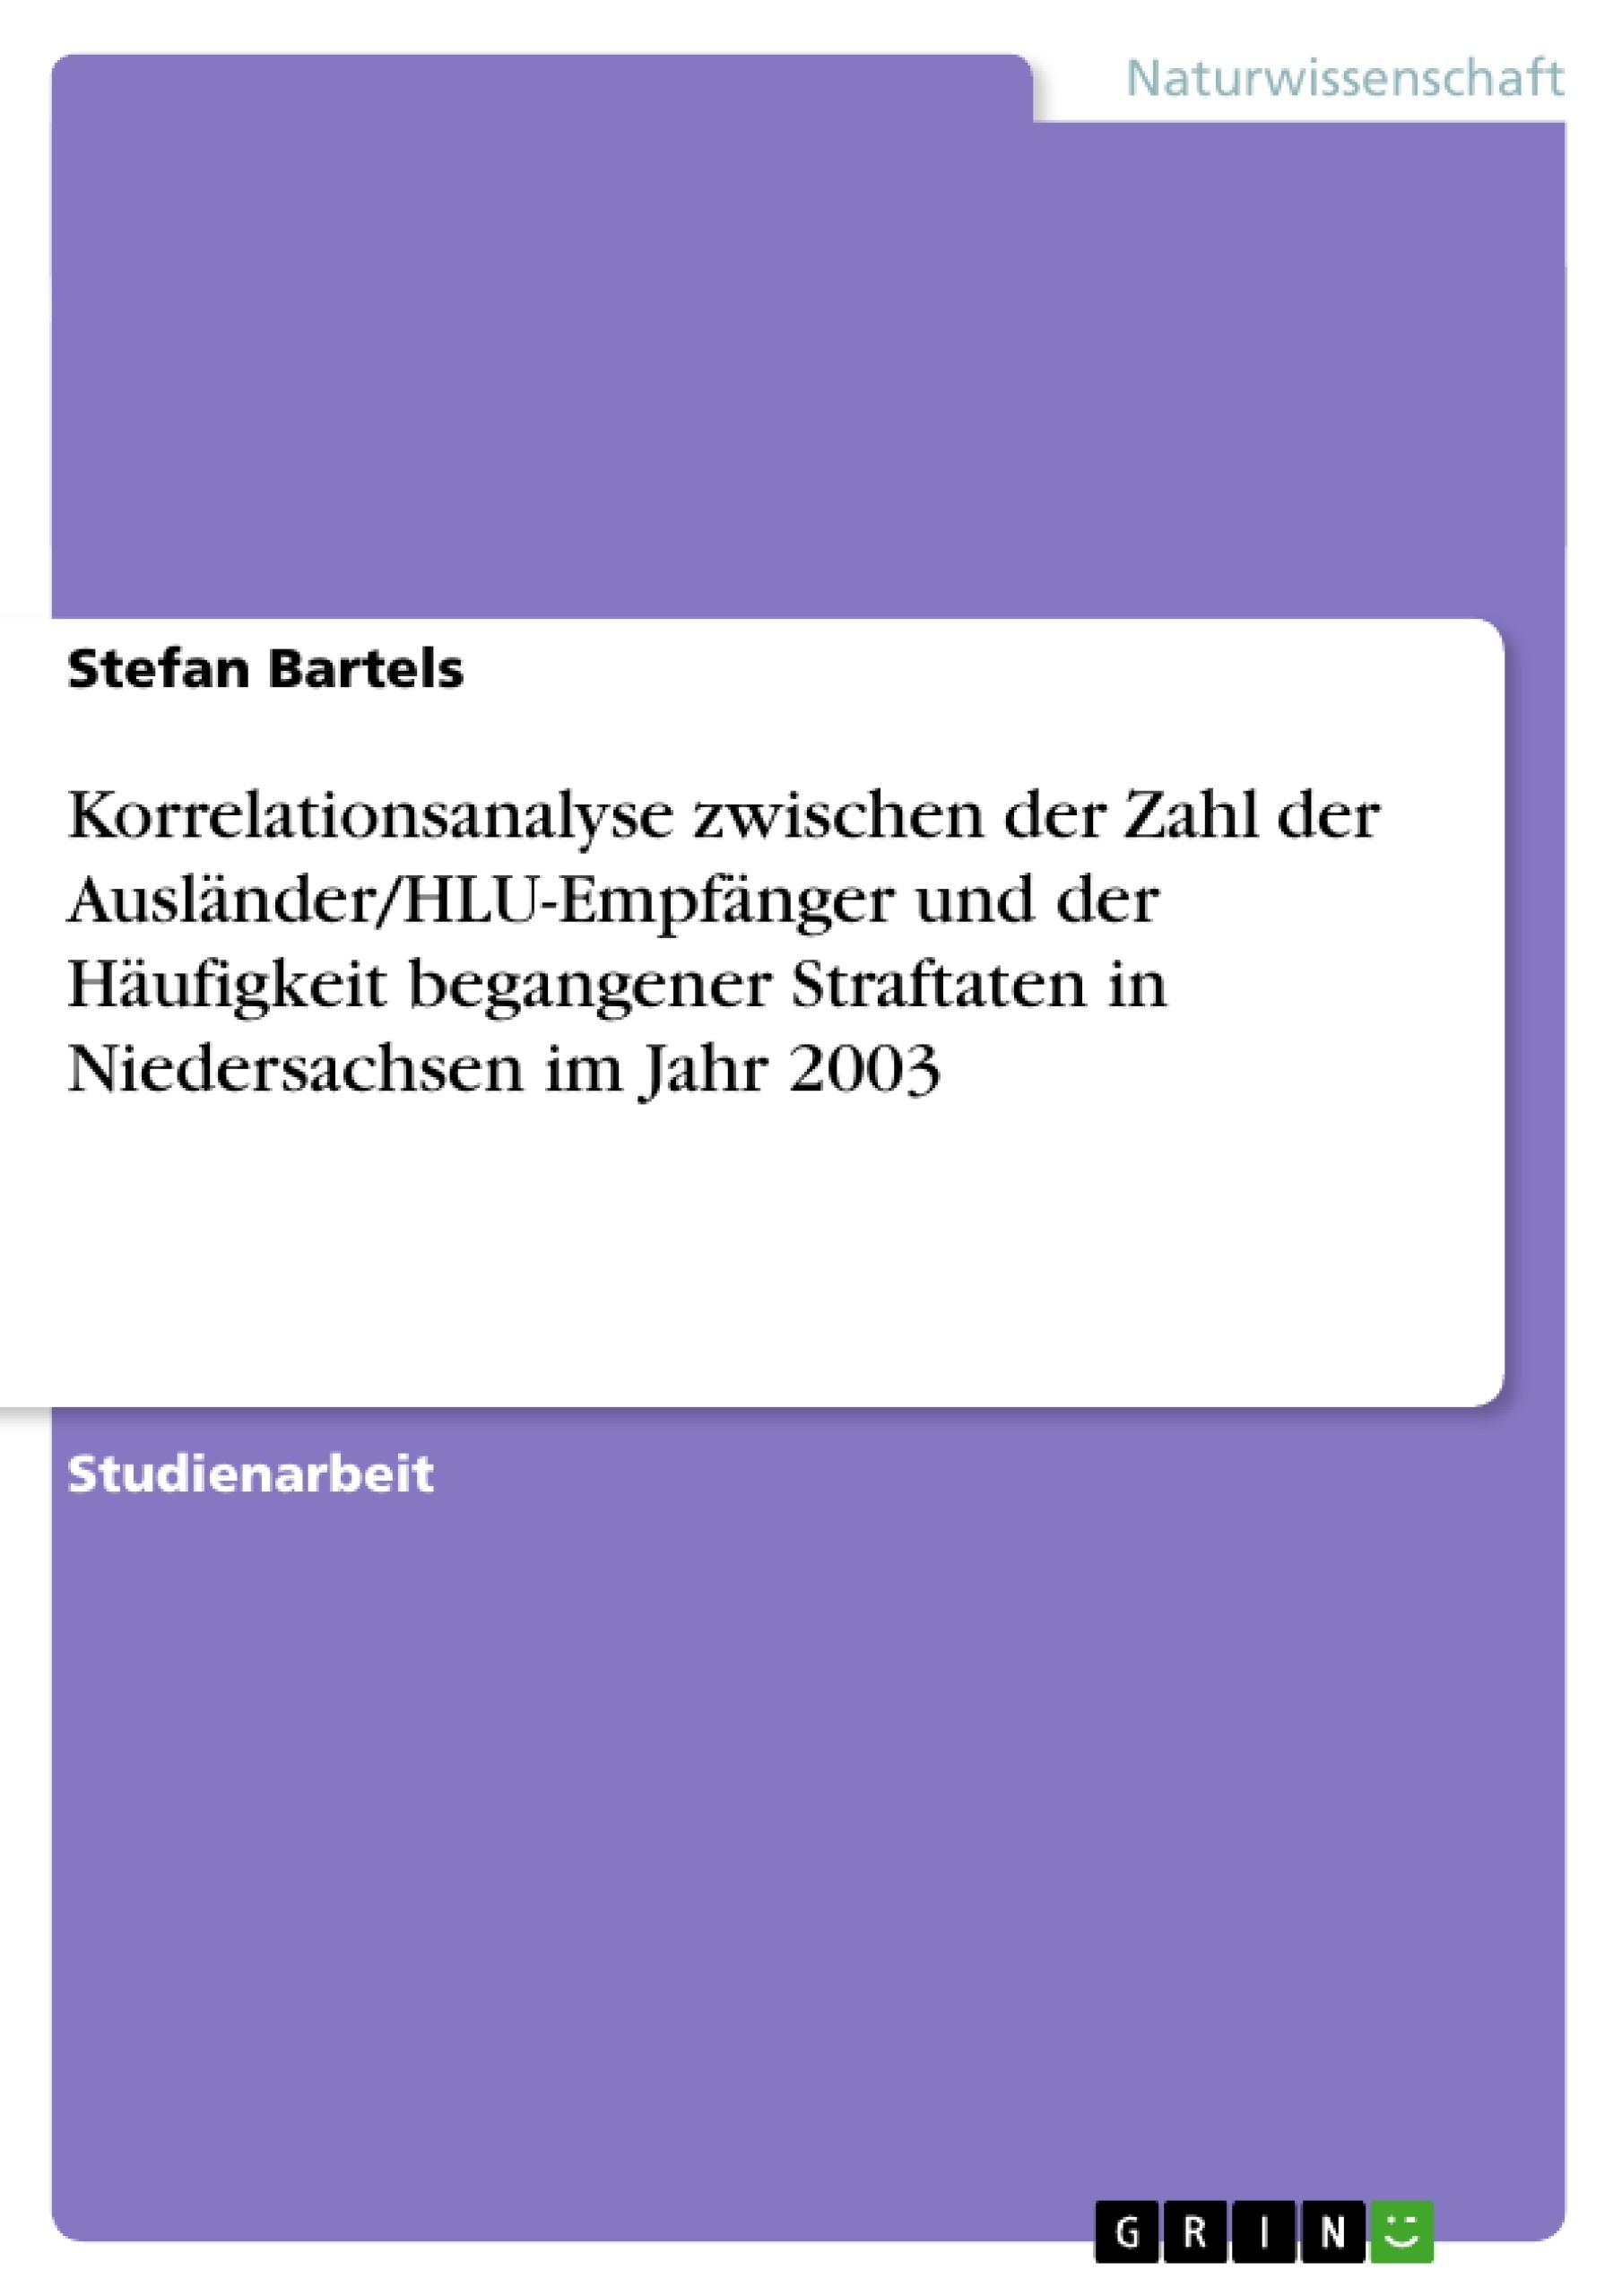 Titel: Korrelationsanalyse zwischen der Zahl der Ausländer/HLU-Empfänger und der Häufigkeit begangener Straftaten  in Niedersachsen im Jahr 2003